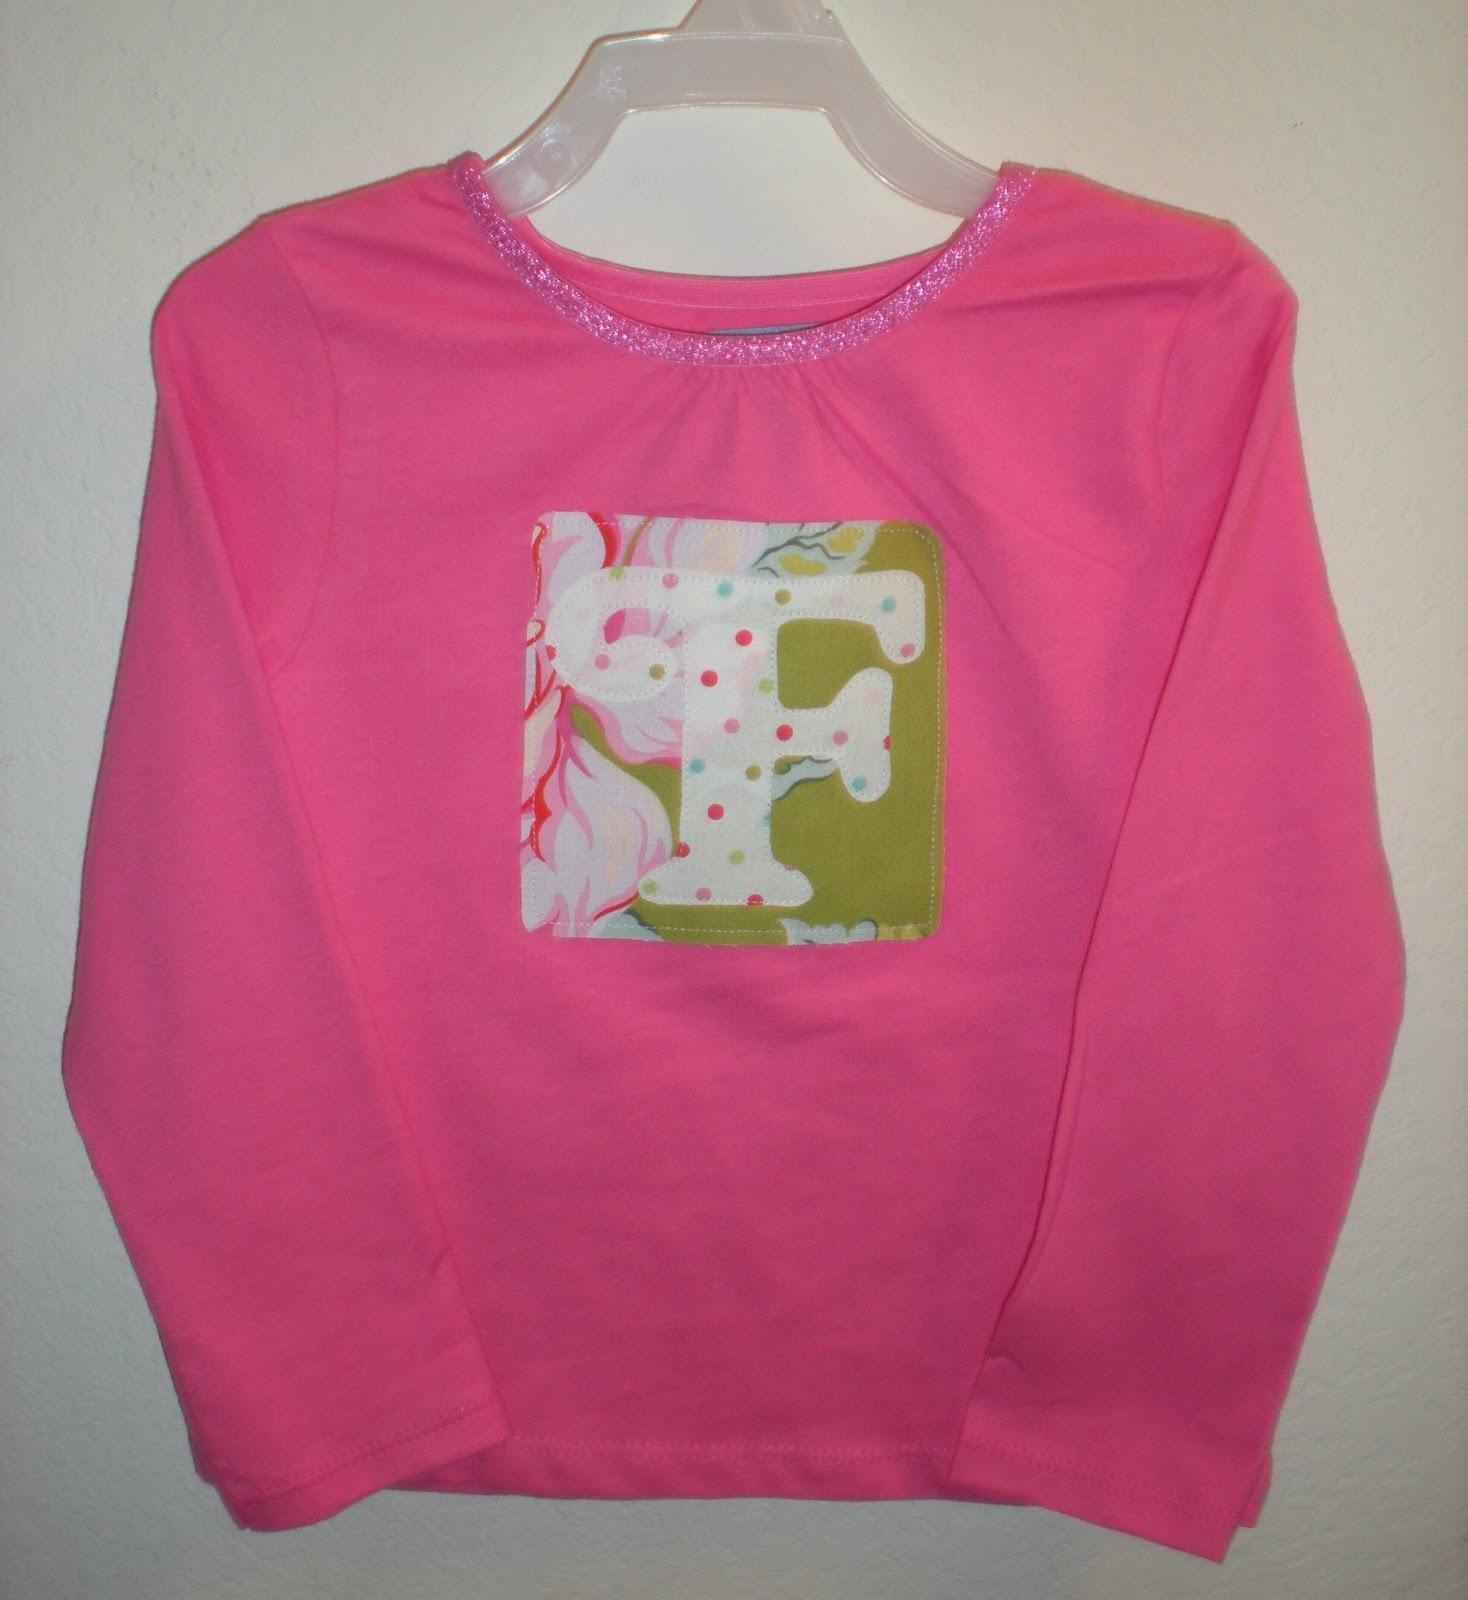 http://2.bp.blogspot.com/_Ghgg1x2k8yo/TRoPBvTE1JI/AAAAAAAAAkU/ZklQzE0NNgw/s1600/F+Pink+Shirt.JPG